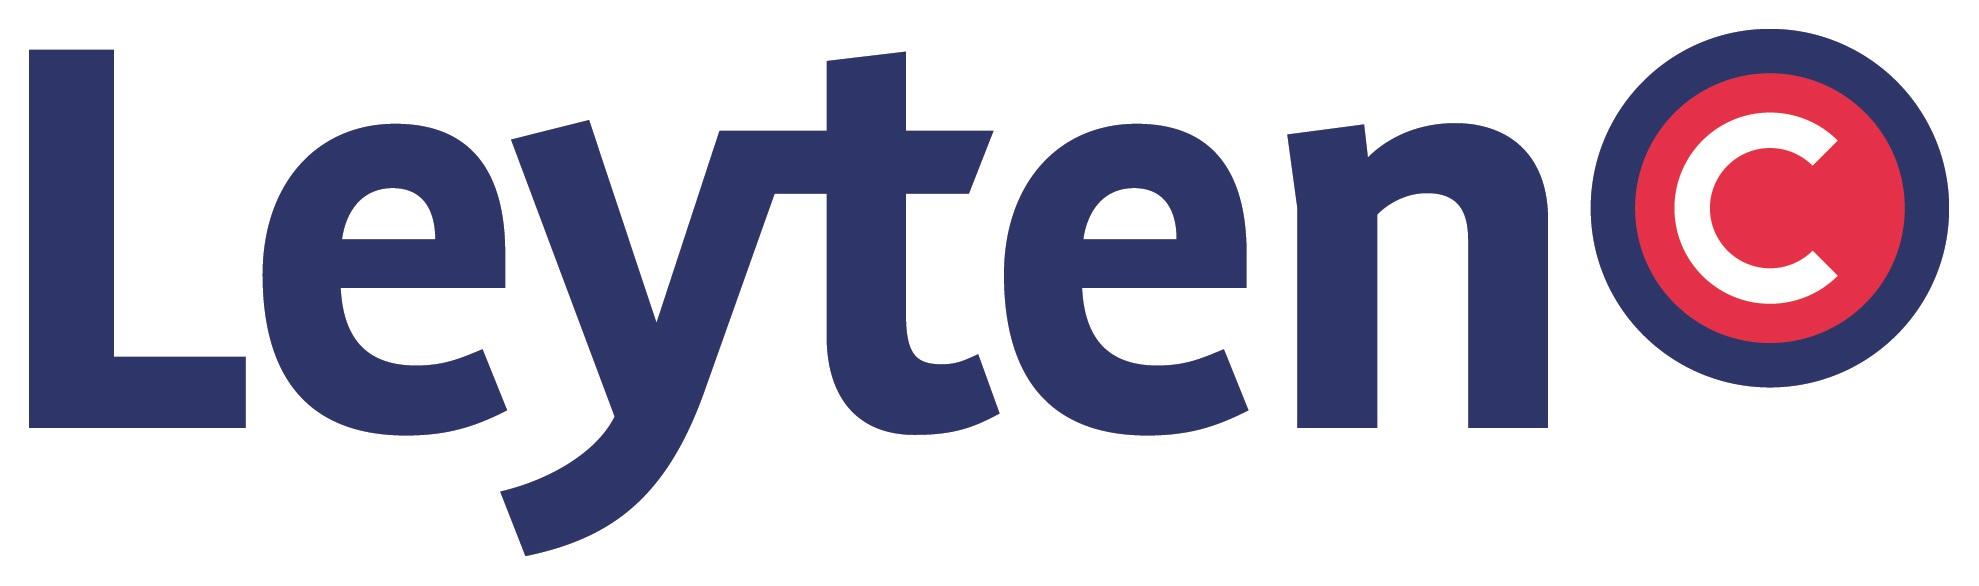 Leyten